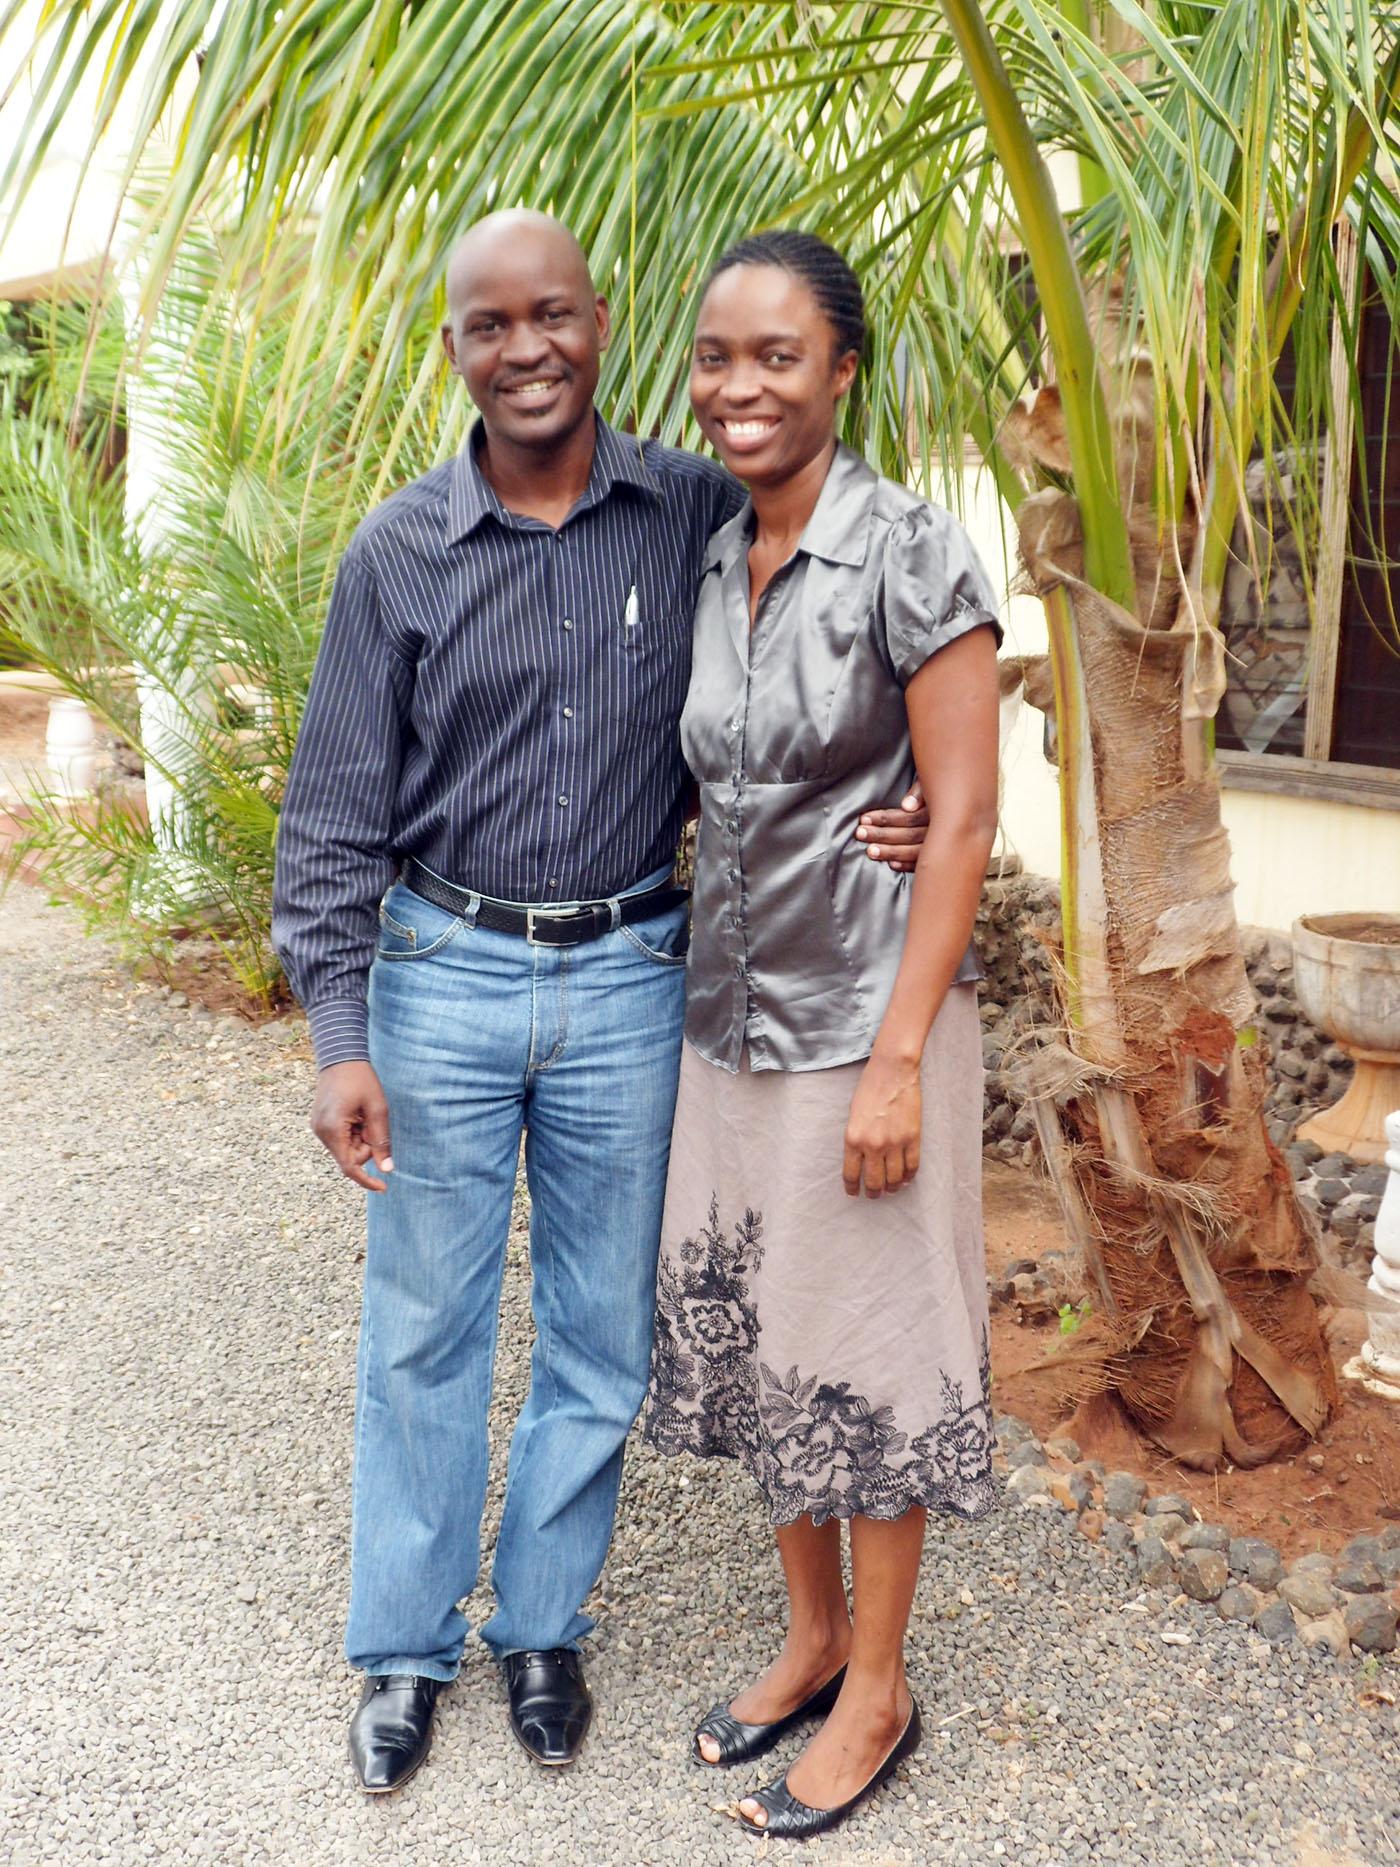 Vrijwililgerswerk - samenwerkingspartners - zambia rabeccah en kennedy